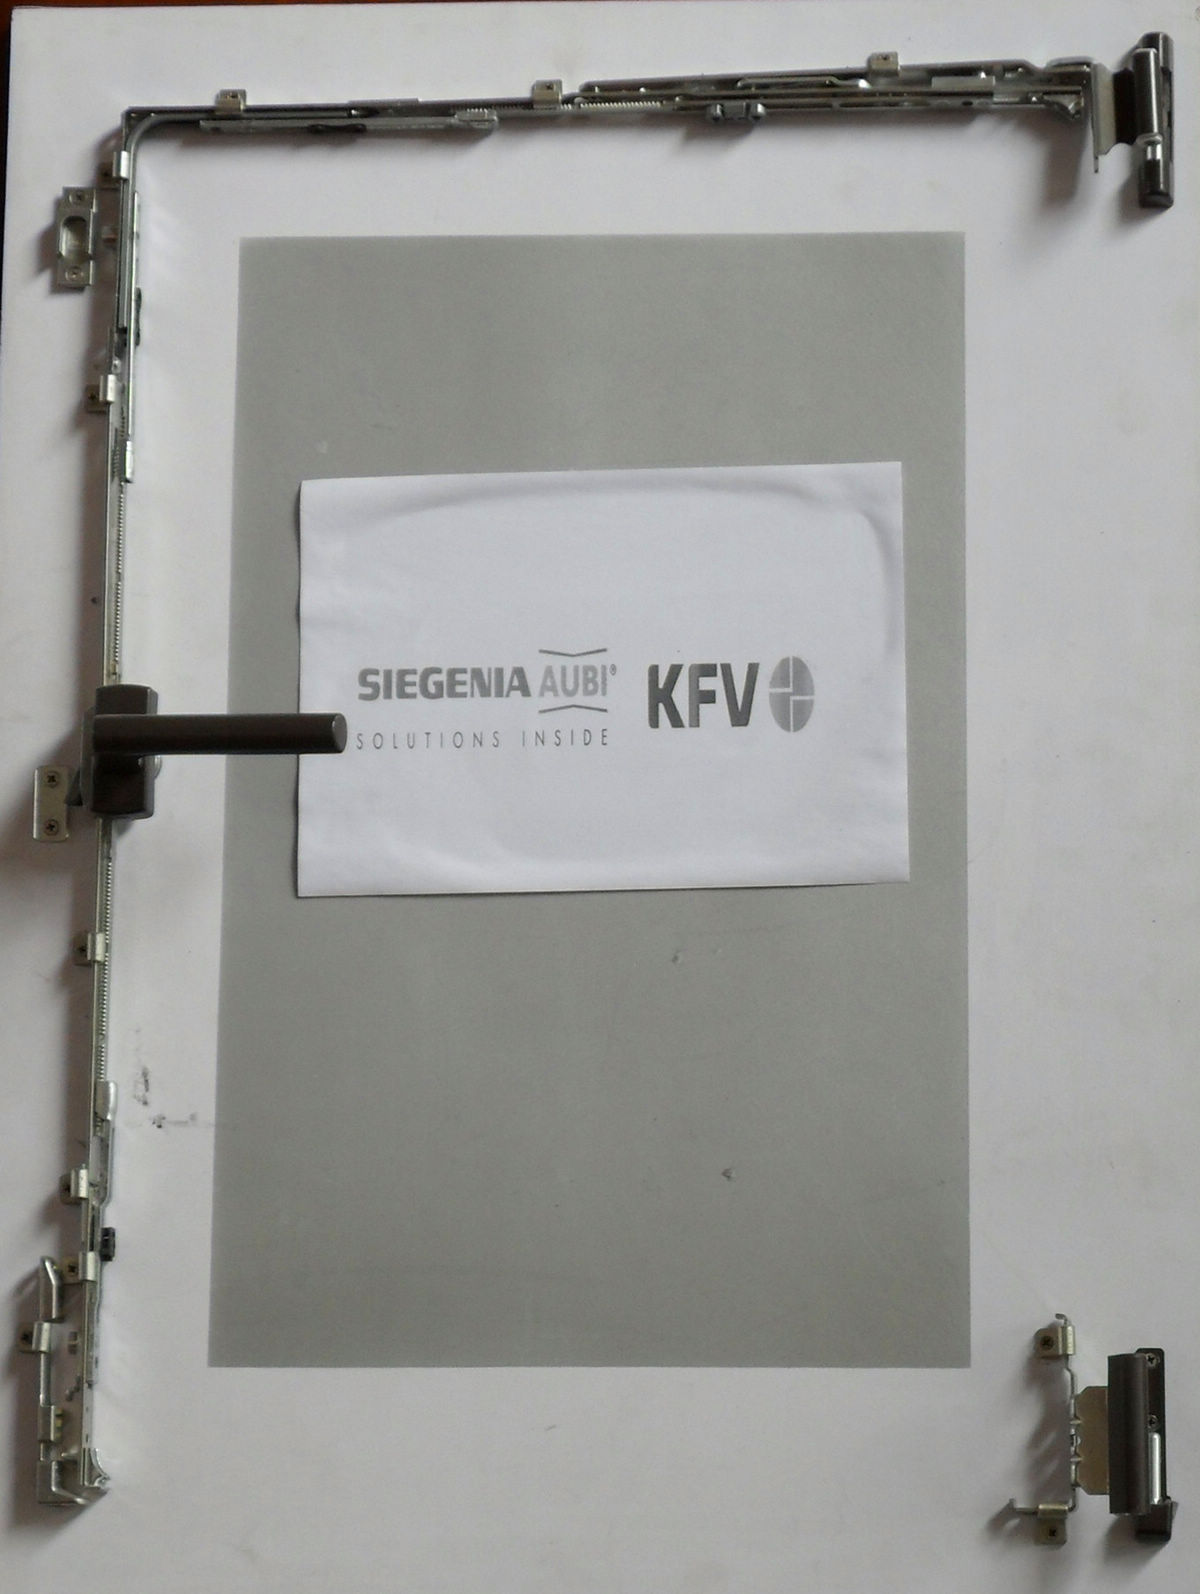 Siegenia Hardware from Germany